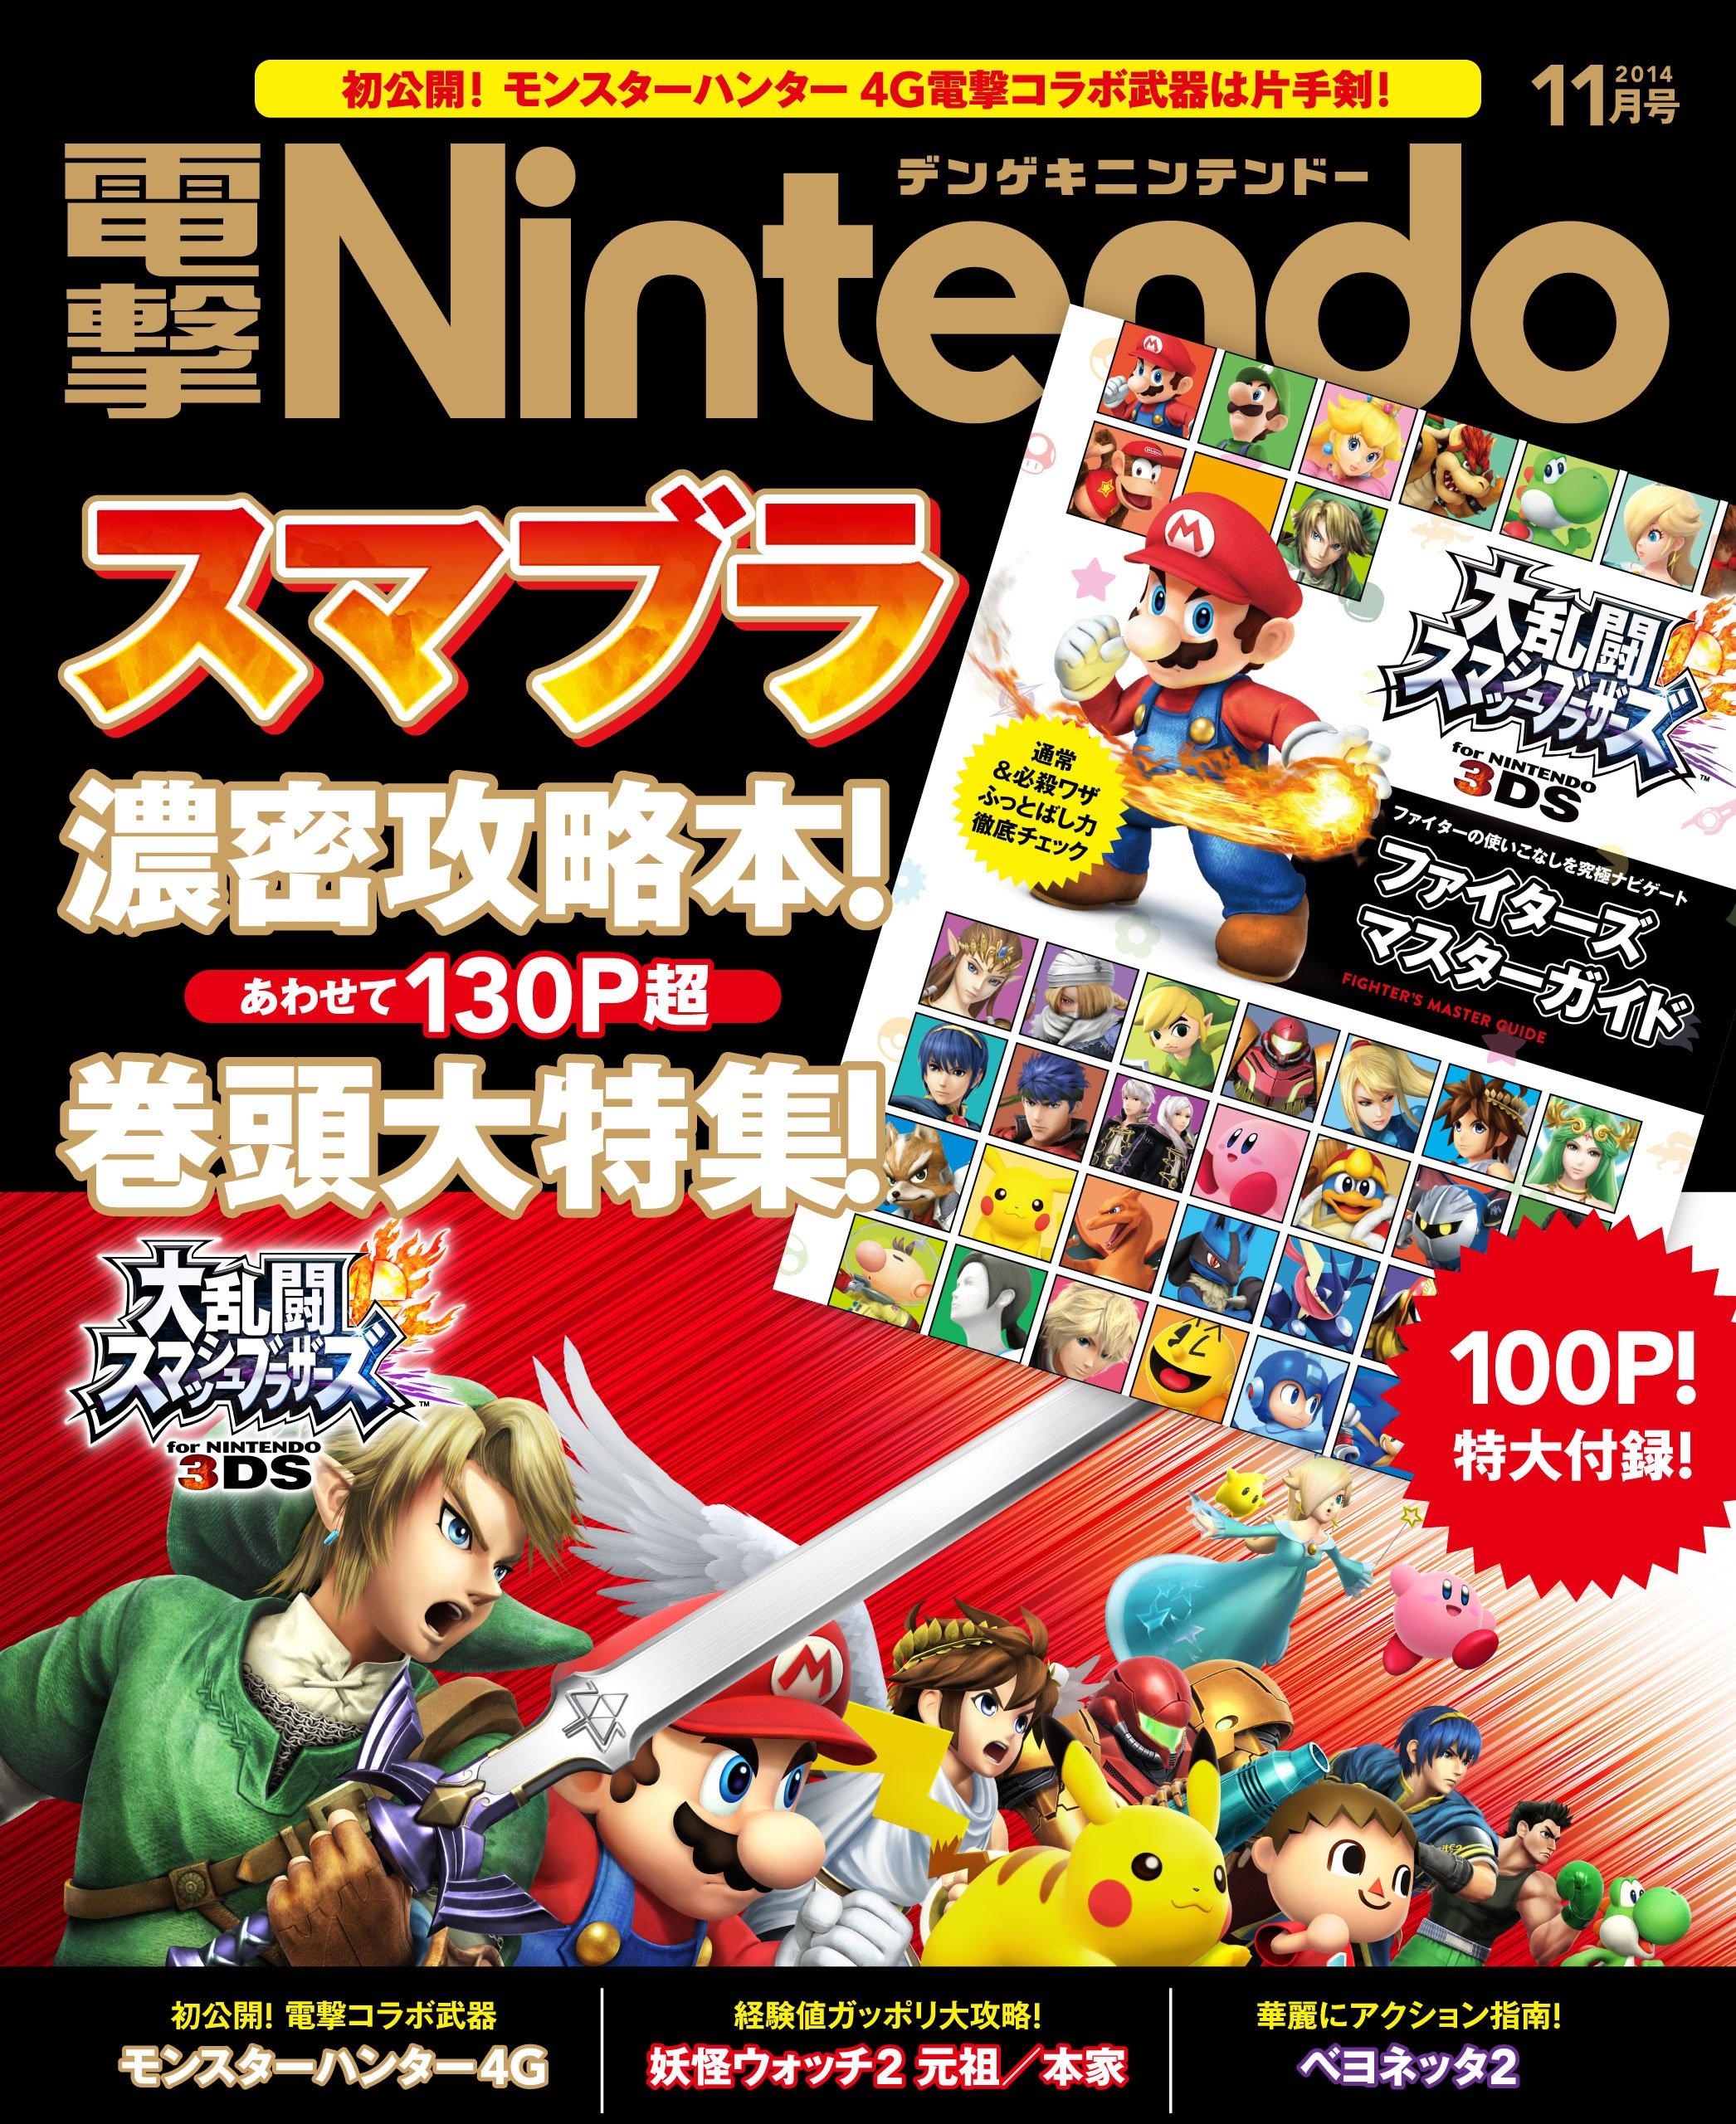 Dengeki Nintendo Issue 018 (November 2014)